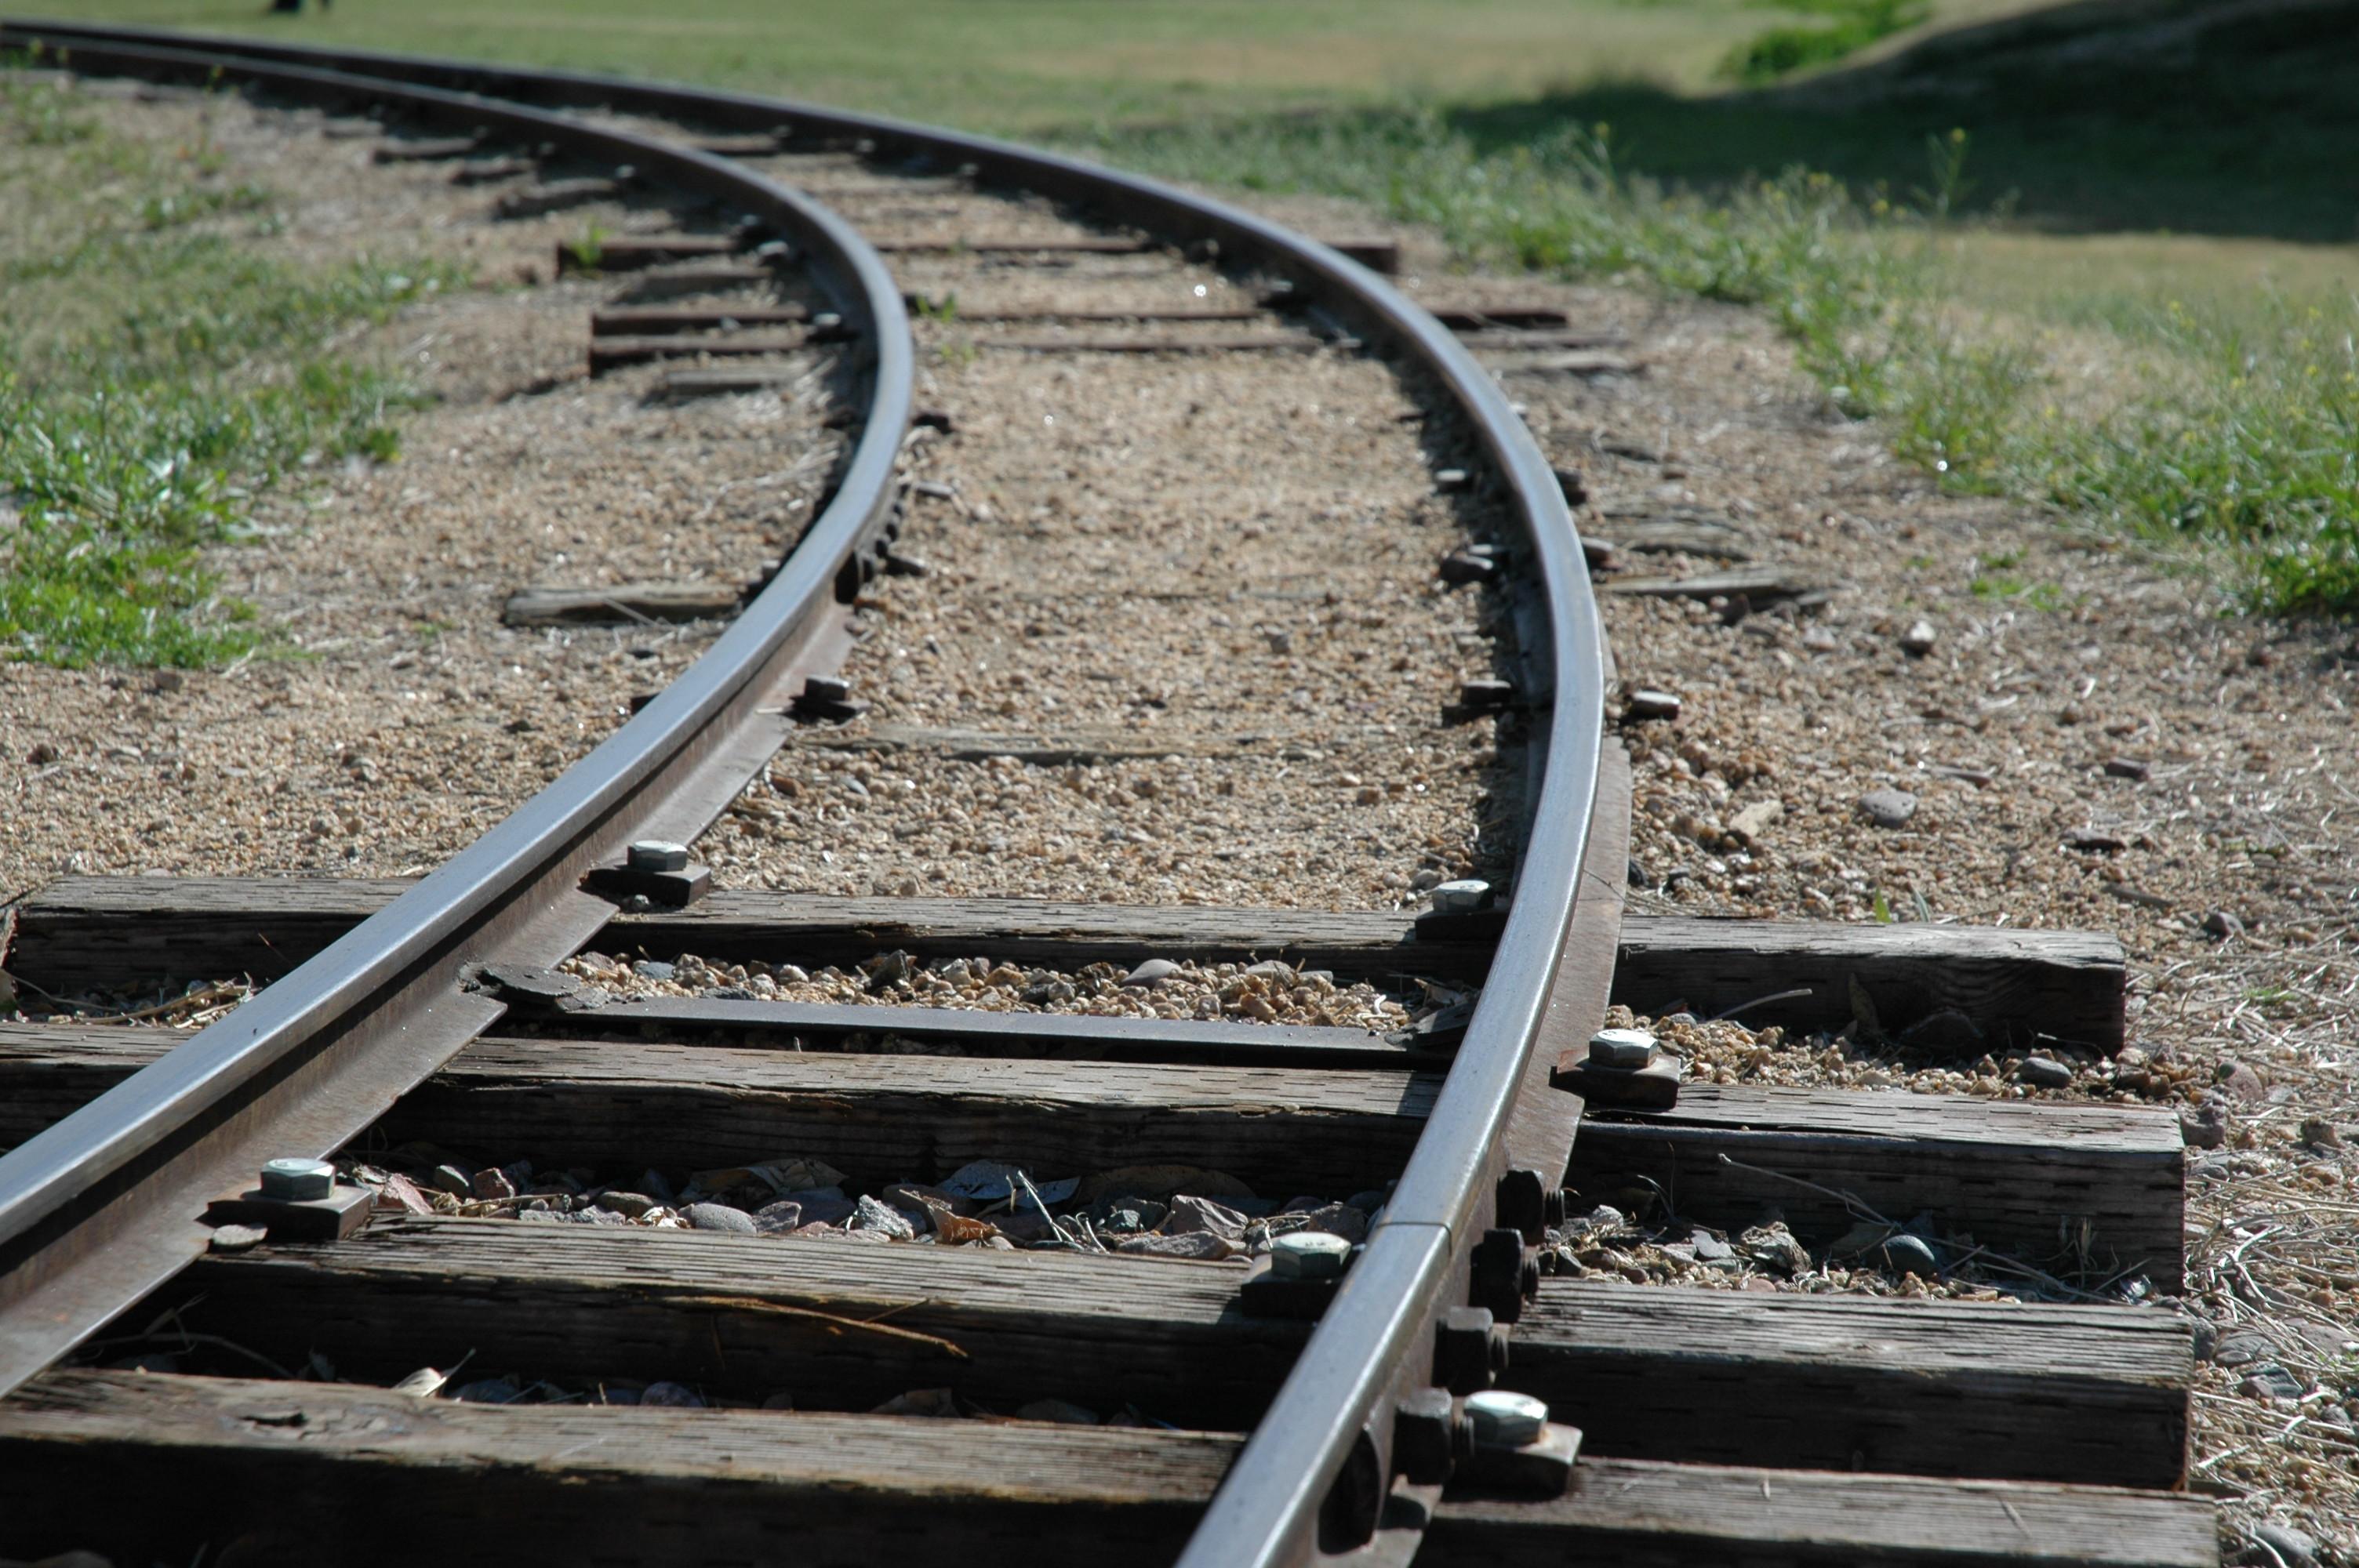 как фотографировать железную дорогу студии передачи даниил